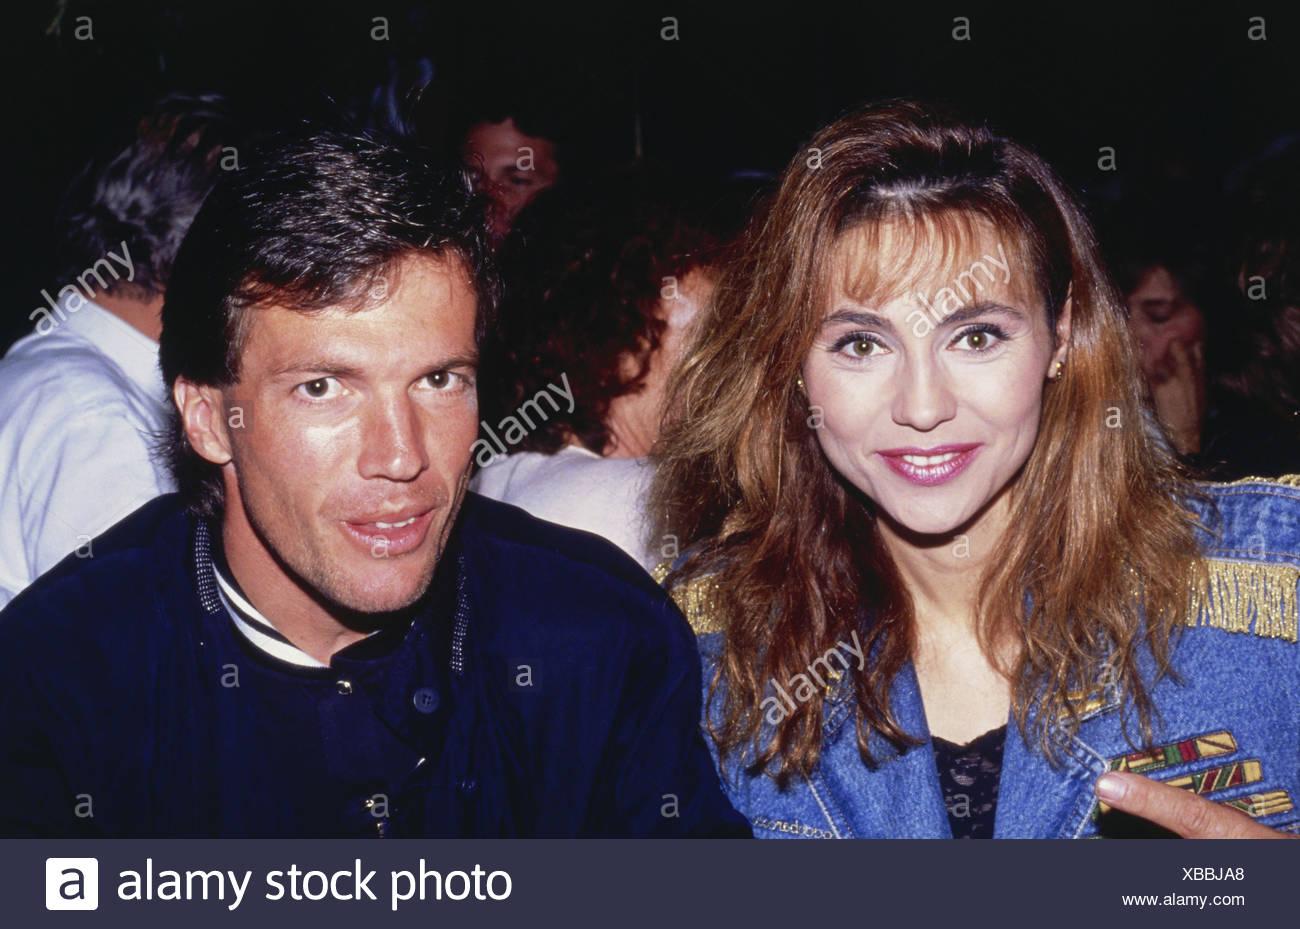 Matthäus, Lothar * 21.3.1961, atleta tedesco (calcio/calcetto) e mezza lunghezza con la sua seconda moglie Lolita Morena, degli anni novanta anni, Additional-Rights-giochi-NA Immagini Stock